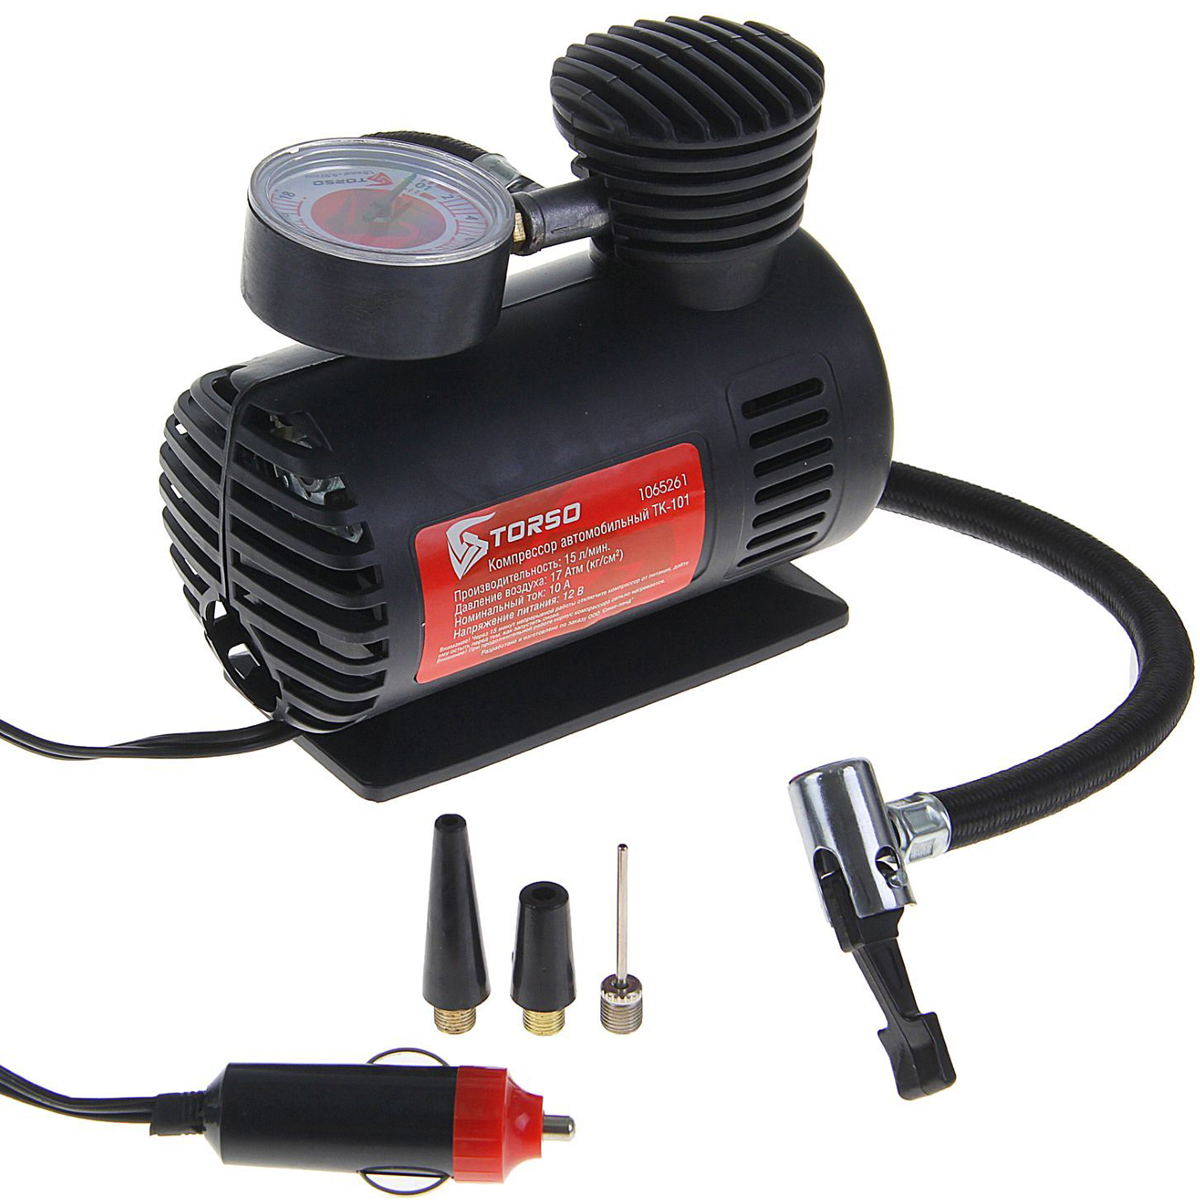 Компрессор автомобильный Torso TK-101, с переходниками, 10А, 15 л/мин1065261Автомобильный компрессор TORSO — это незаменимый помощник автомобилиста. Потребуется для накачивания колеса после прокола, выхода из строя ниппеля или подкачки запаски. Особенно прибор необходим в сезоны смены шин, во время поездок на далёкие расстояния. Специальные насадки позволят подкачать волейбольный мяч, шины велосипеда или резиновую лодку. Бюджетная модель, подойдёт для экономного водителя, который ценит соотношение хорошего качества и оптимальной стоимости.10А, 15 л/мин, провод 3 м, шланг 45 см, + переходники